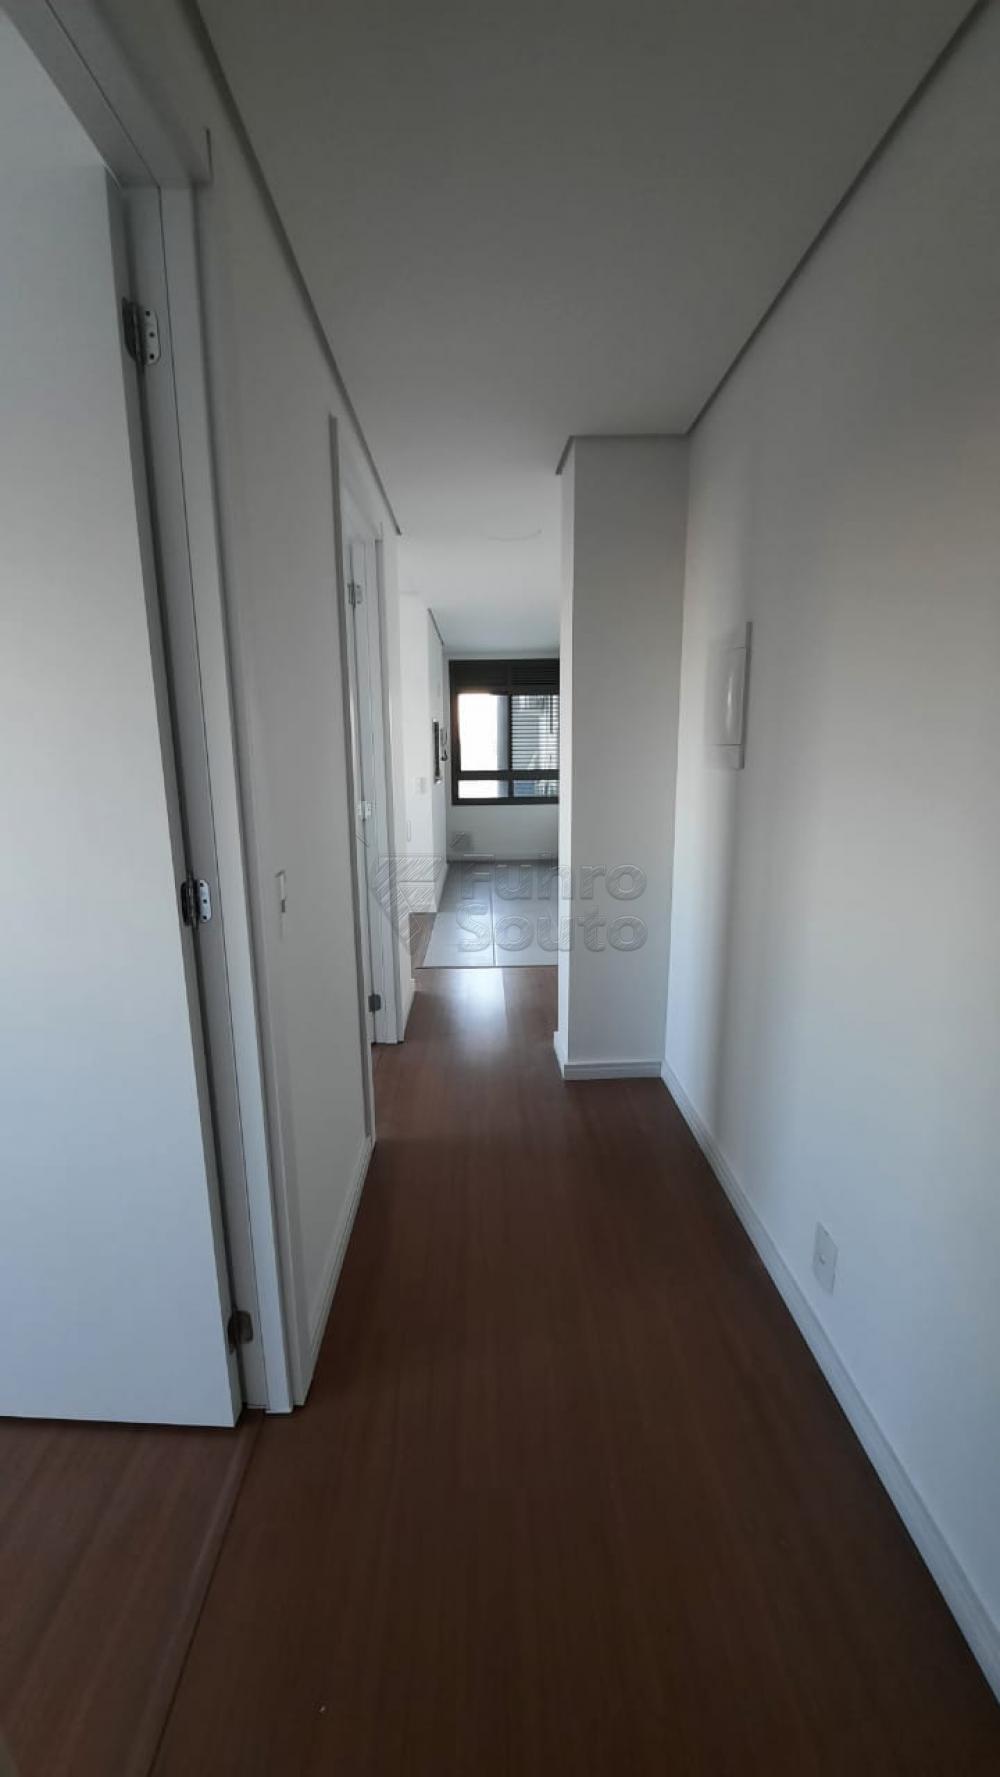 Comprar Apartamento / Padrão em Pelotas R$ 360.000,00 - Foto 13